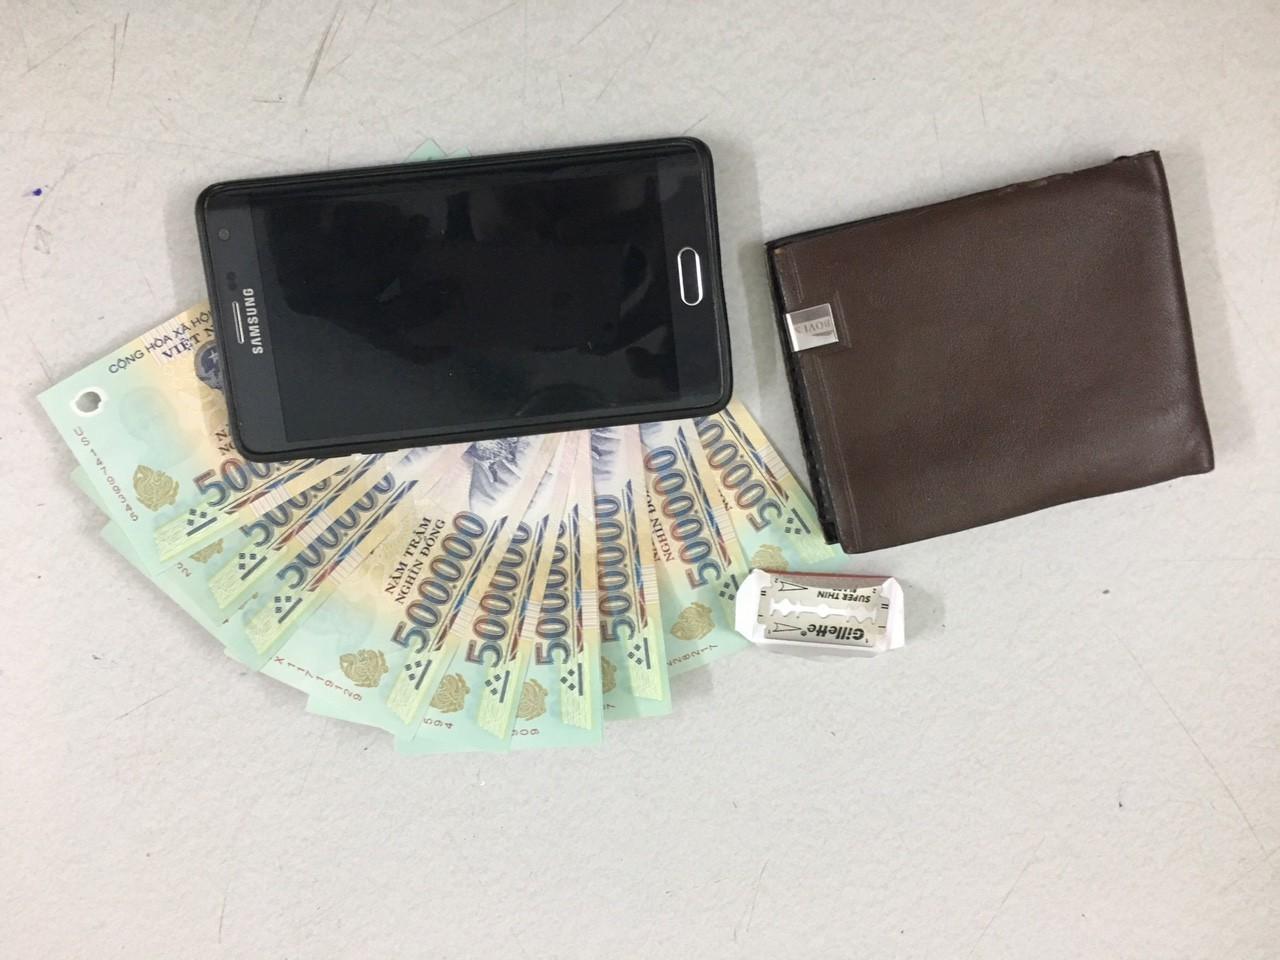 Trinh sát bắt kẻ mang 3 tiền án vẫn đi trộm cắp tài sản ở trung tâm Sài Gòn - Ảnh 2.